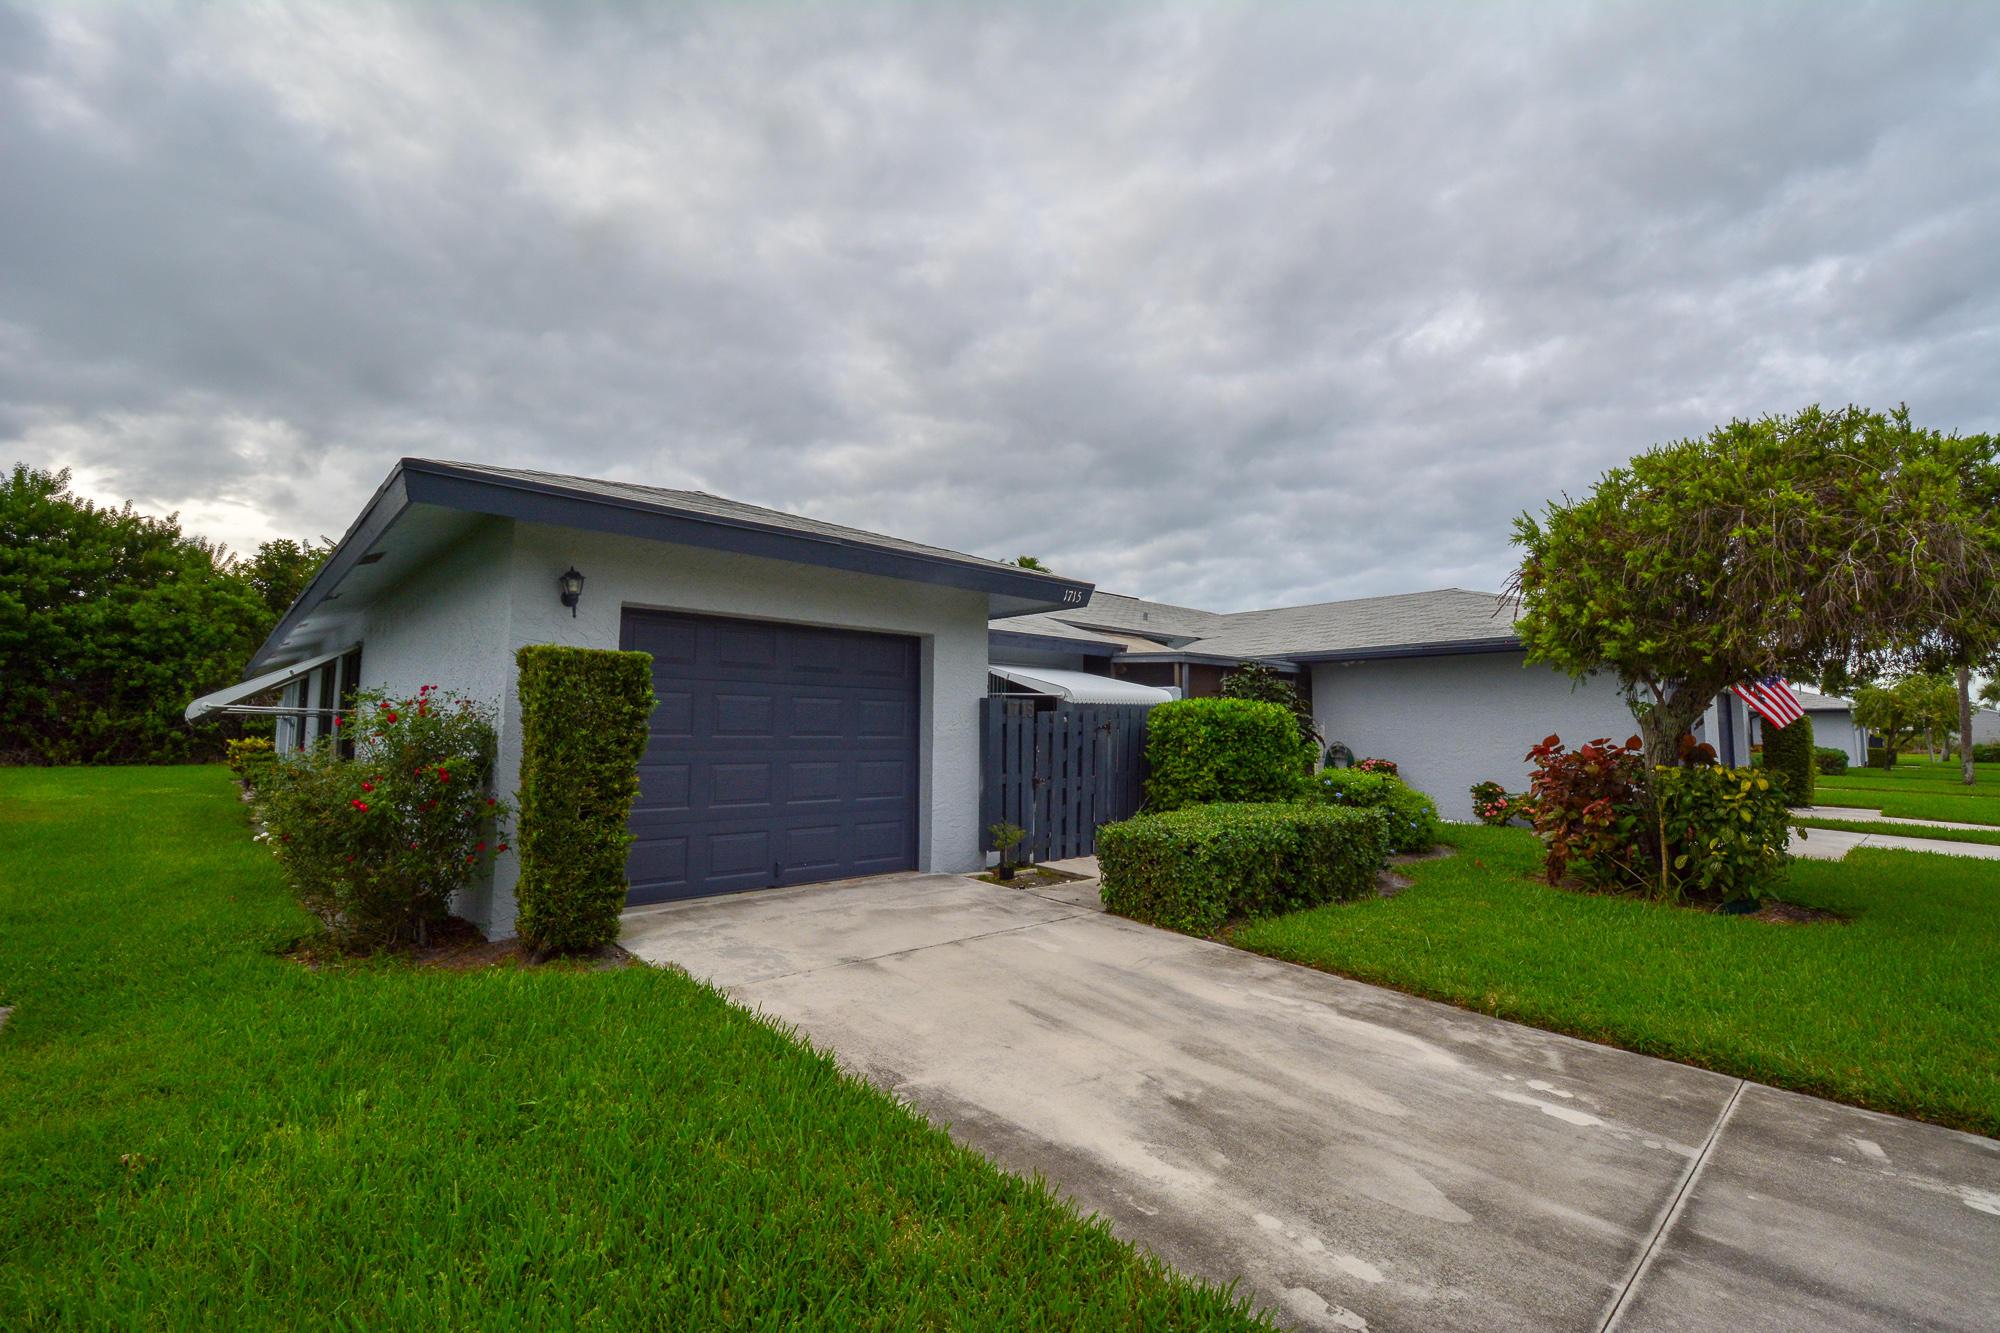 1715 W Royal Tern, Fort Pierce, Florida 34982